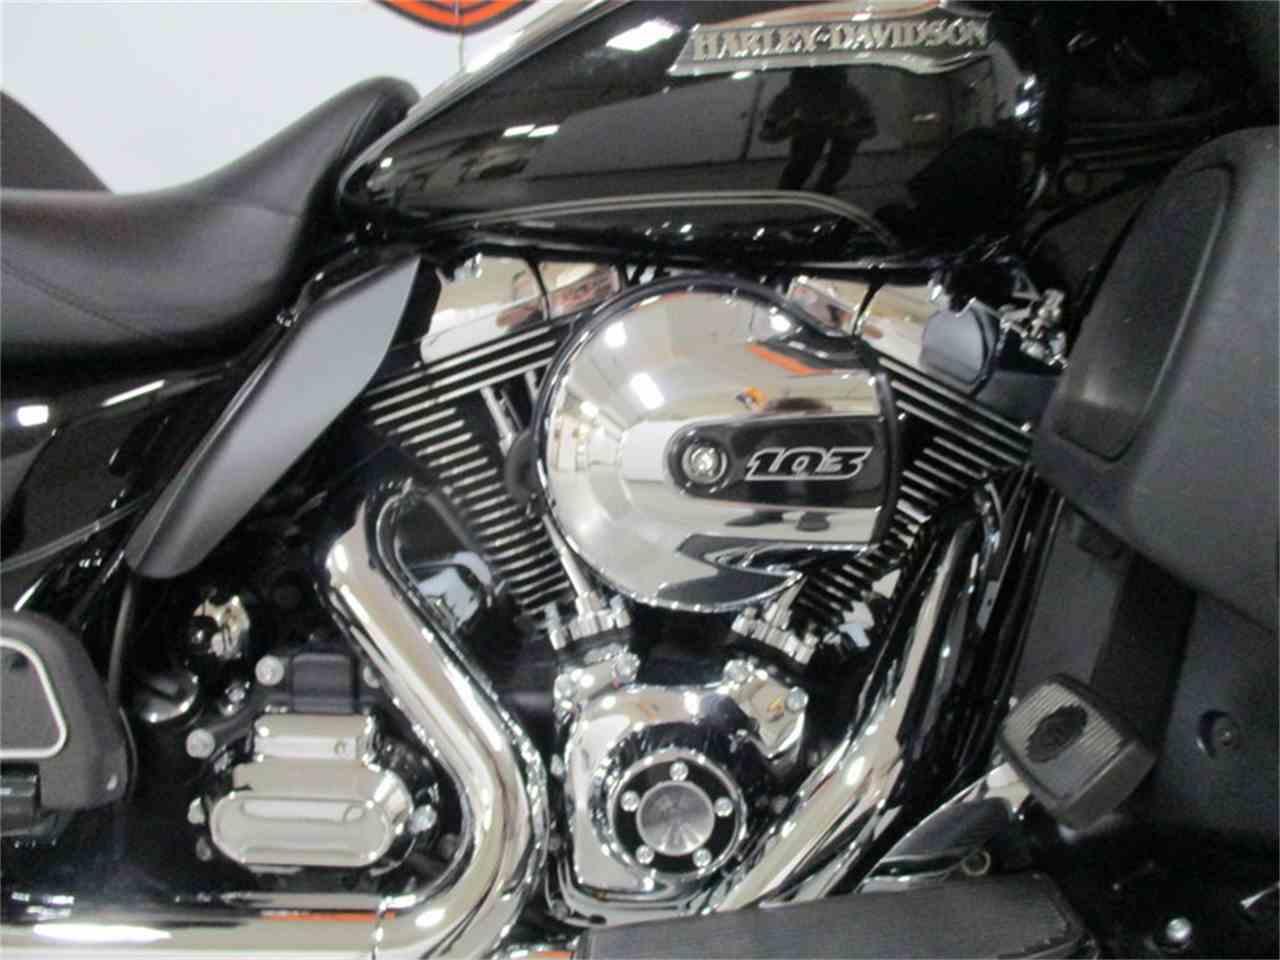 Large Picture of '16 FLHTCU - Electra Glide® Ultra Classic® - M9ED